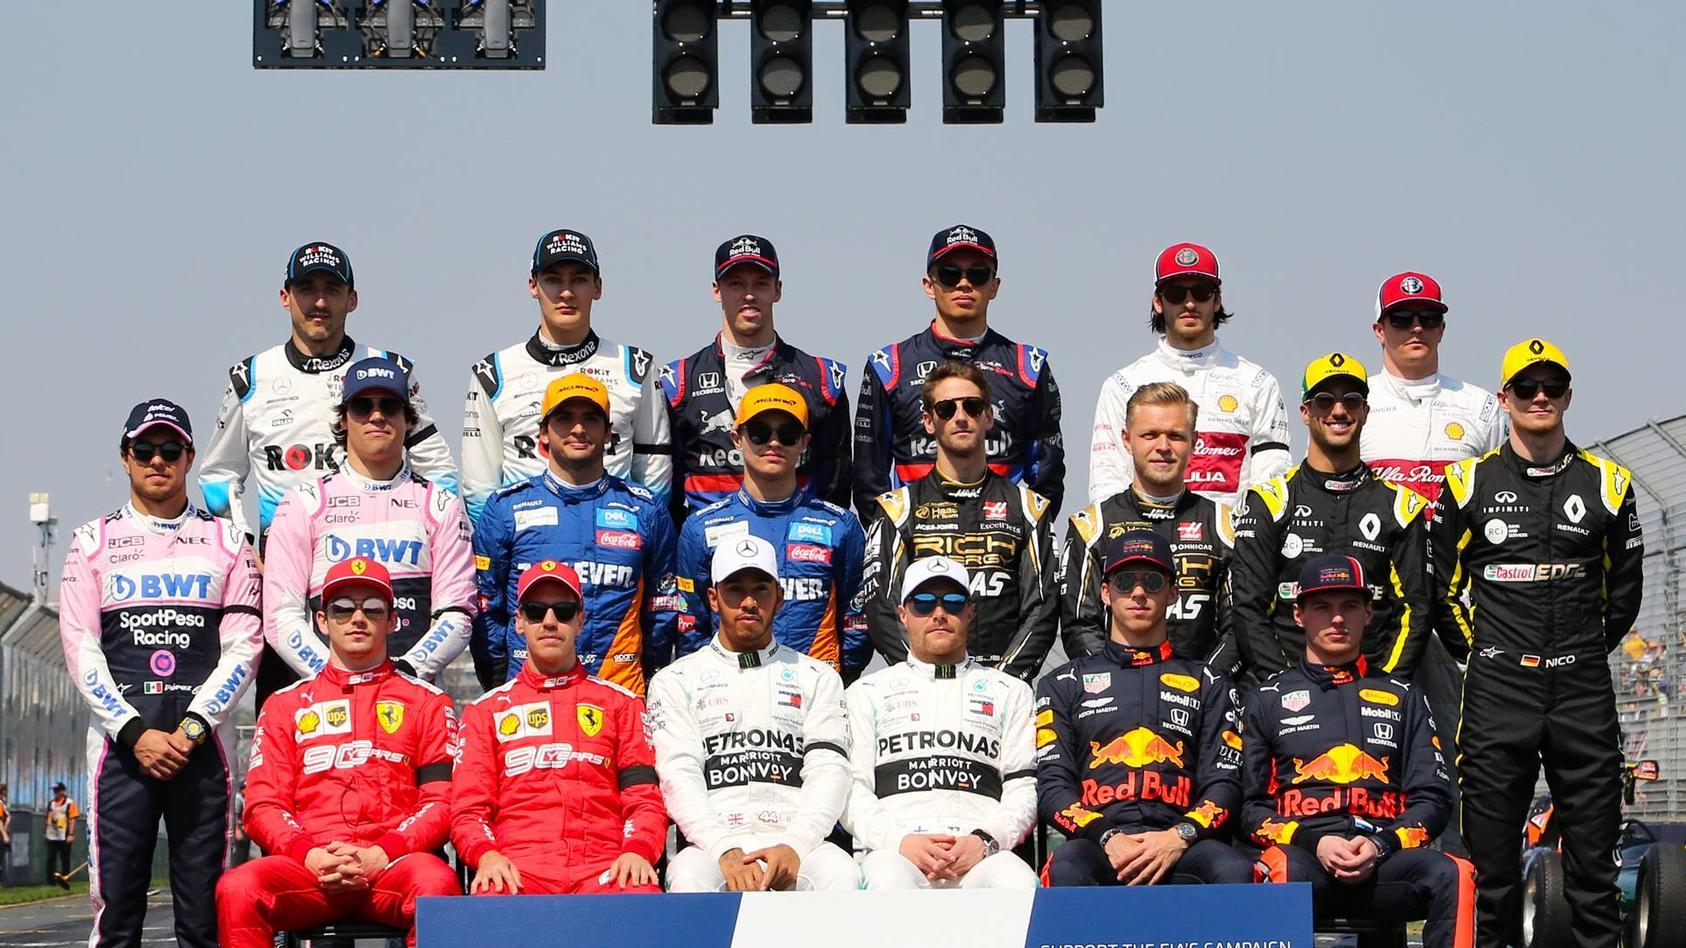 Es gibt drei Weltmeister, drei Debütanten und ein Comeback nach acht Jahren Abwesenheit aus der Formel 1. Wer die 20 Fahrer sind, sehen Sie in unserer Galerie.